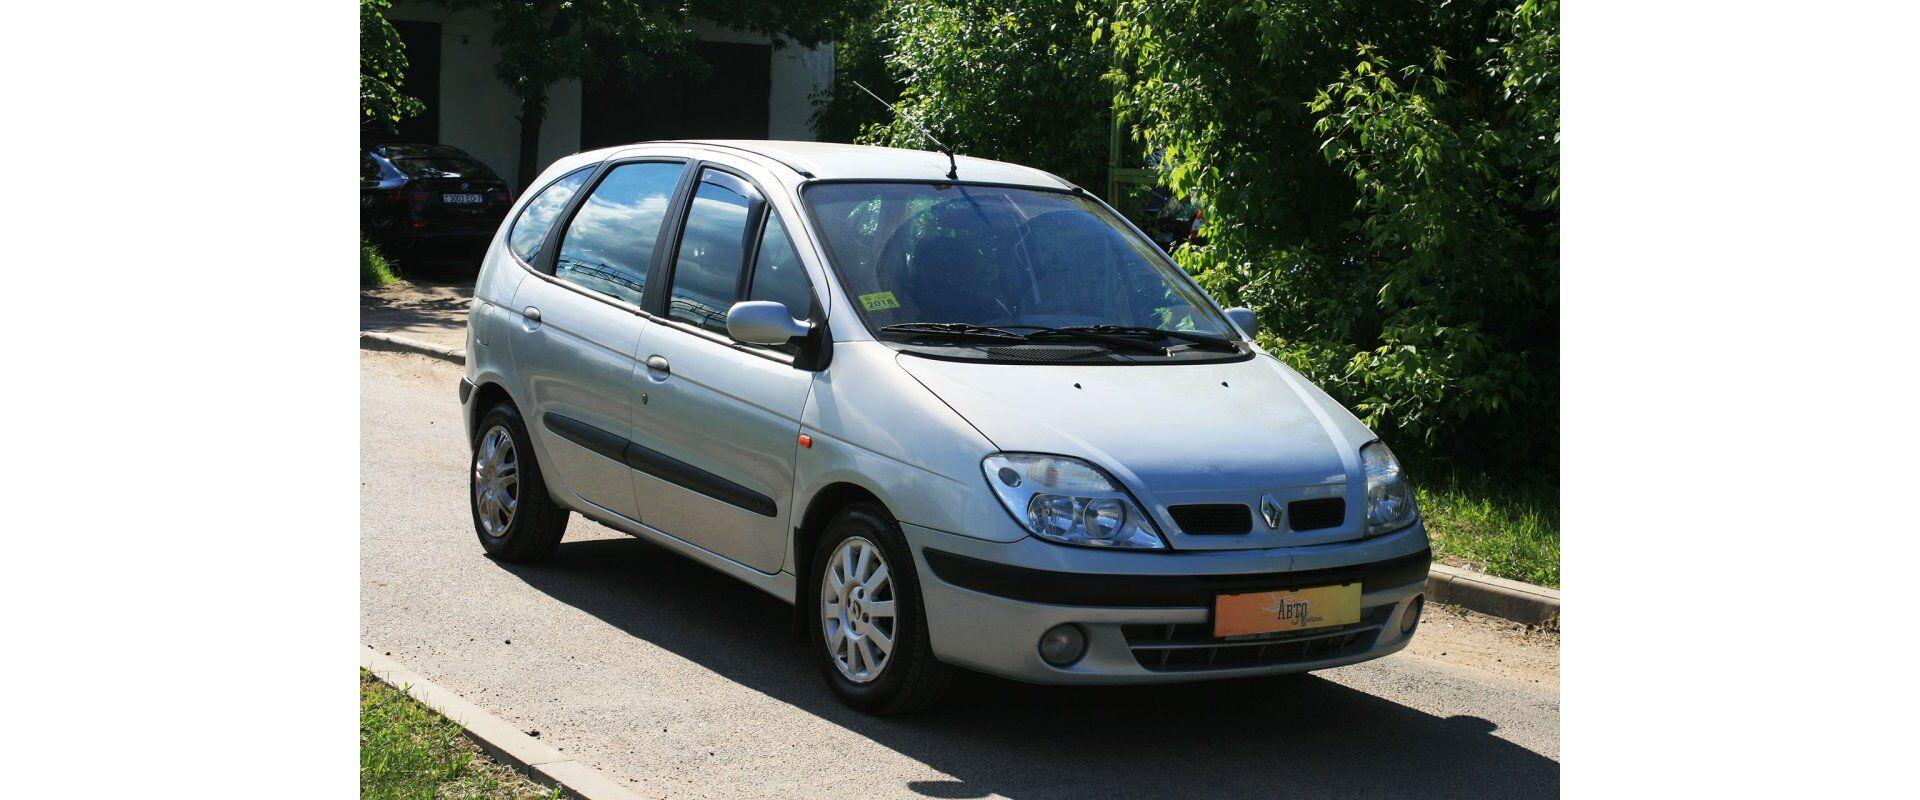 Renault Scenic (2001)